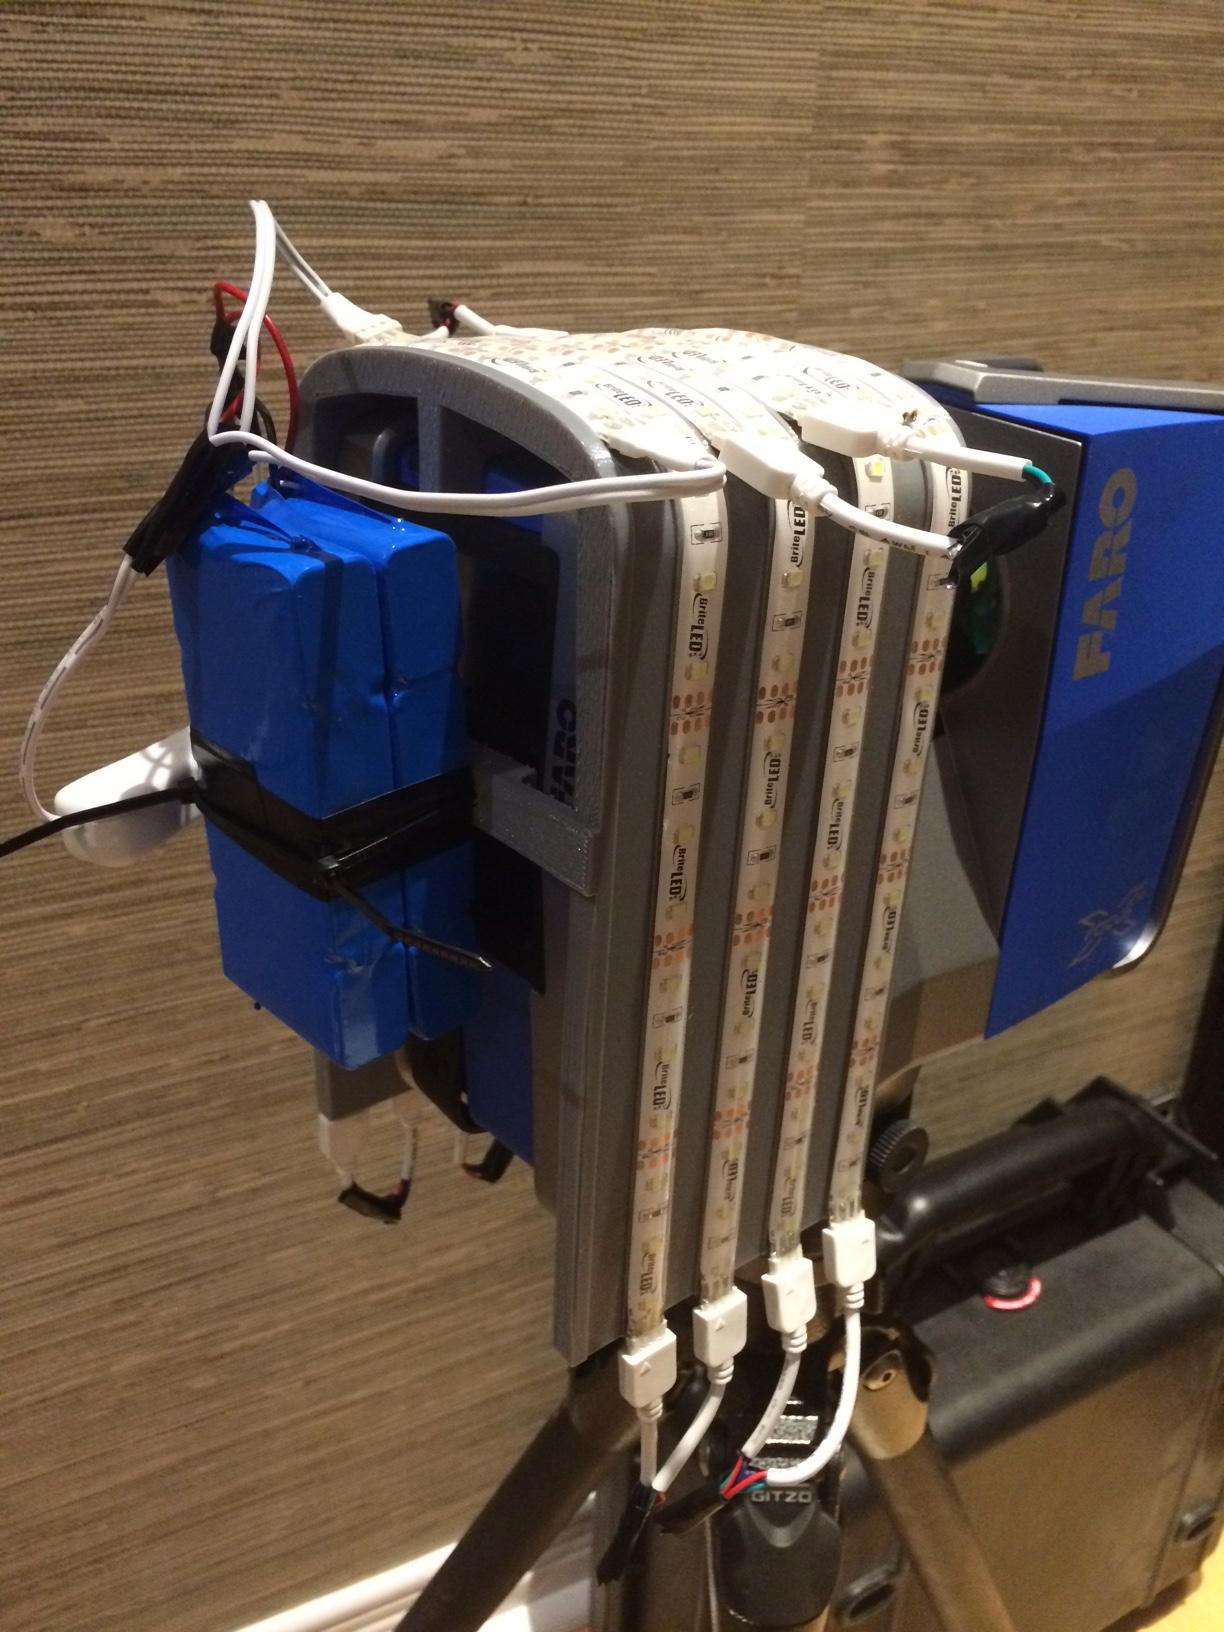 FARO Focus Mounted Lights - Laser Scanning Forum